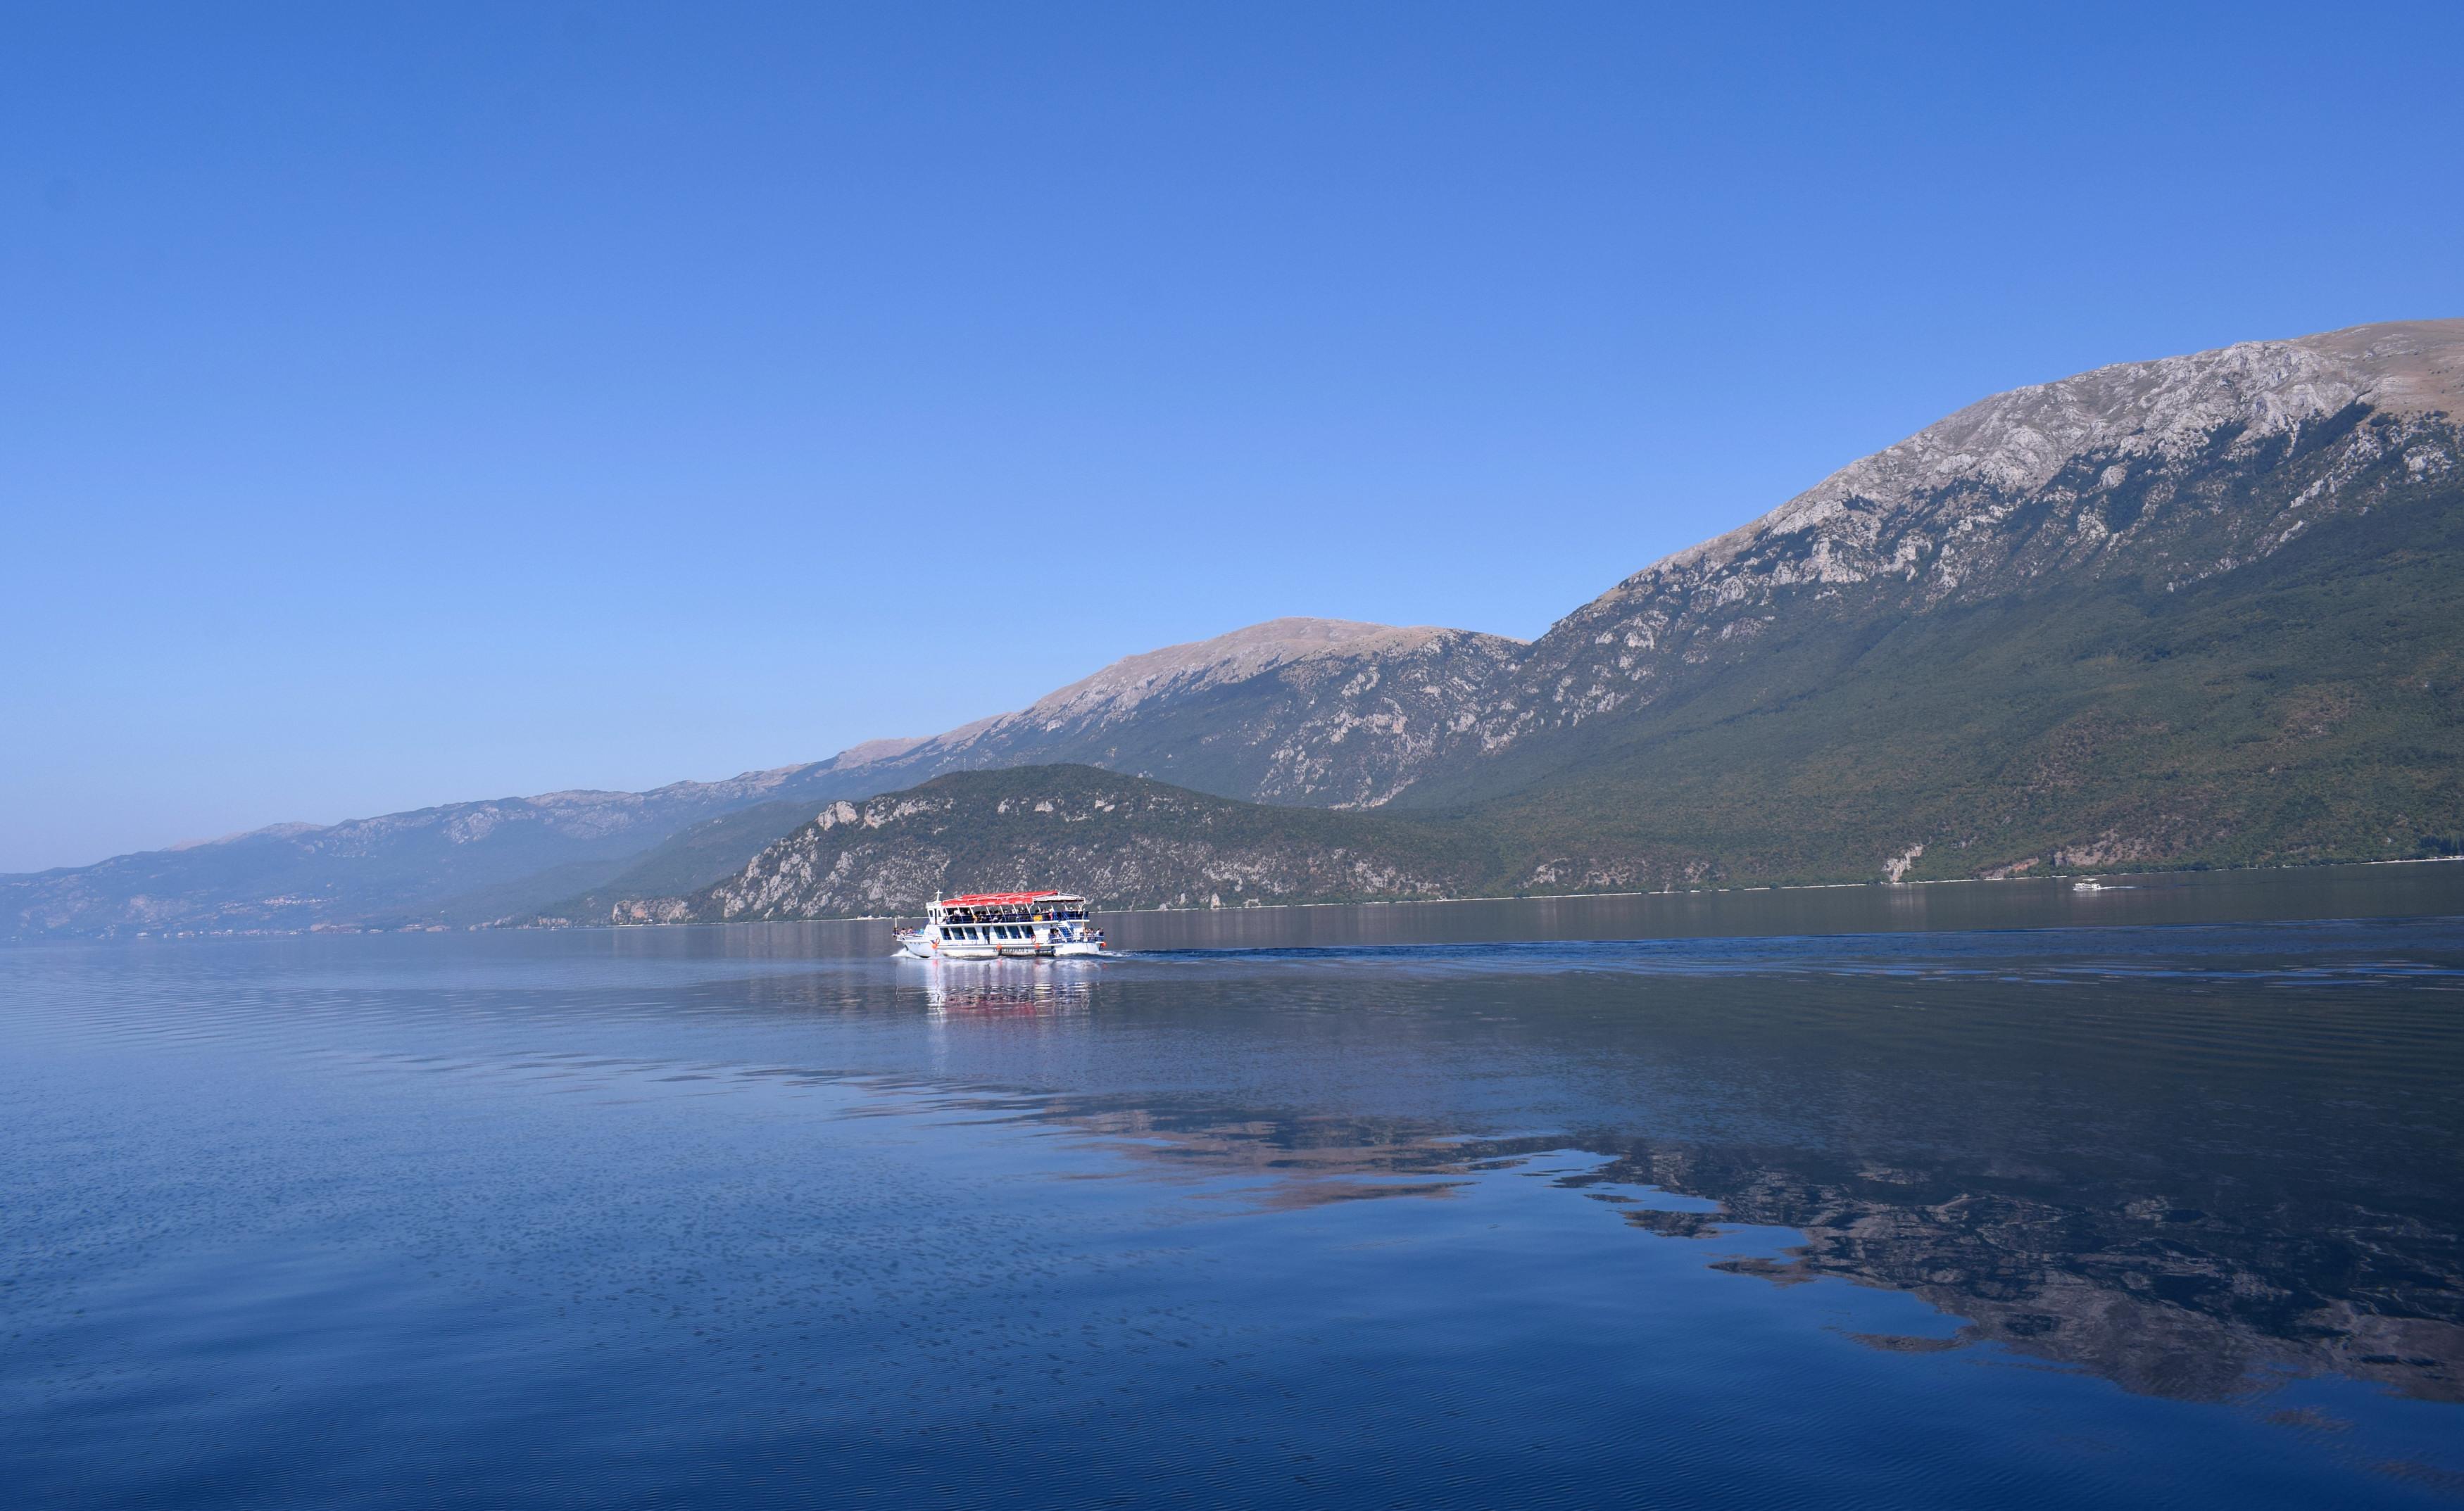 Ha több időt töltünk a tó mellett mindenképp érdemes elmenni egy hajókirándulásra. Minden nap tízkor indulnak járatok Saint Naumba és háromkor mennek vissza Ohridba. A víz tisztasága és átlátszósága miatt kissé olyan érzés, mintha, tengeren lennél. Ugyanakkor mivel nagyon gyorsan mélyül így végig a part közelében marad a hajó, és majdnem a teljes macedón részt közelről megcsodálhatjuk.